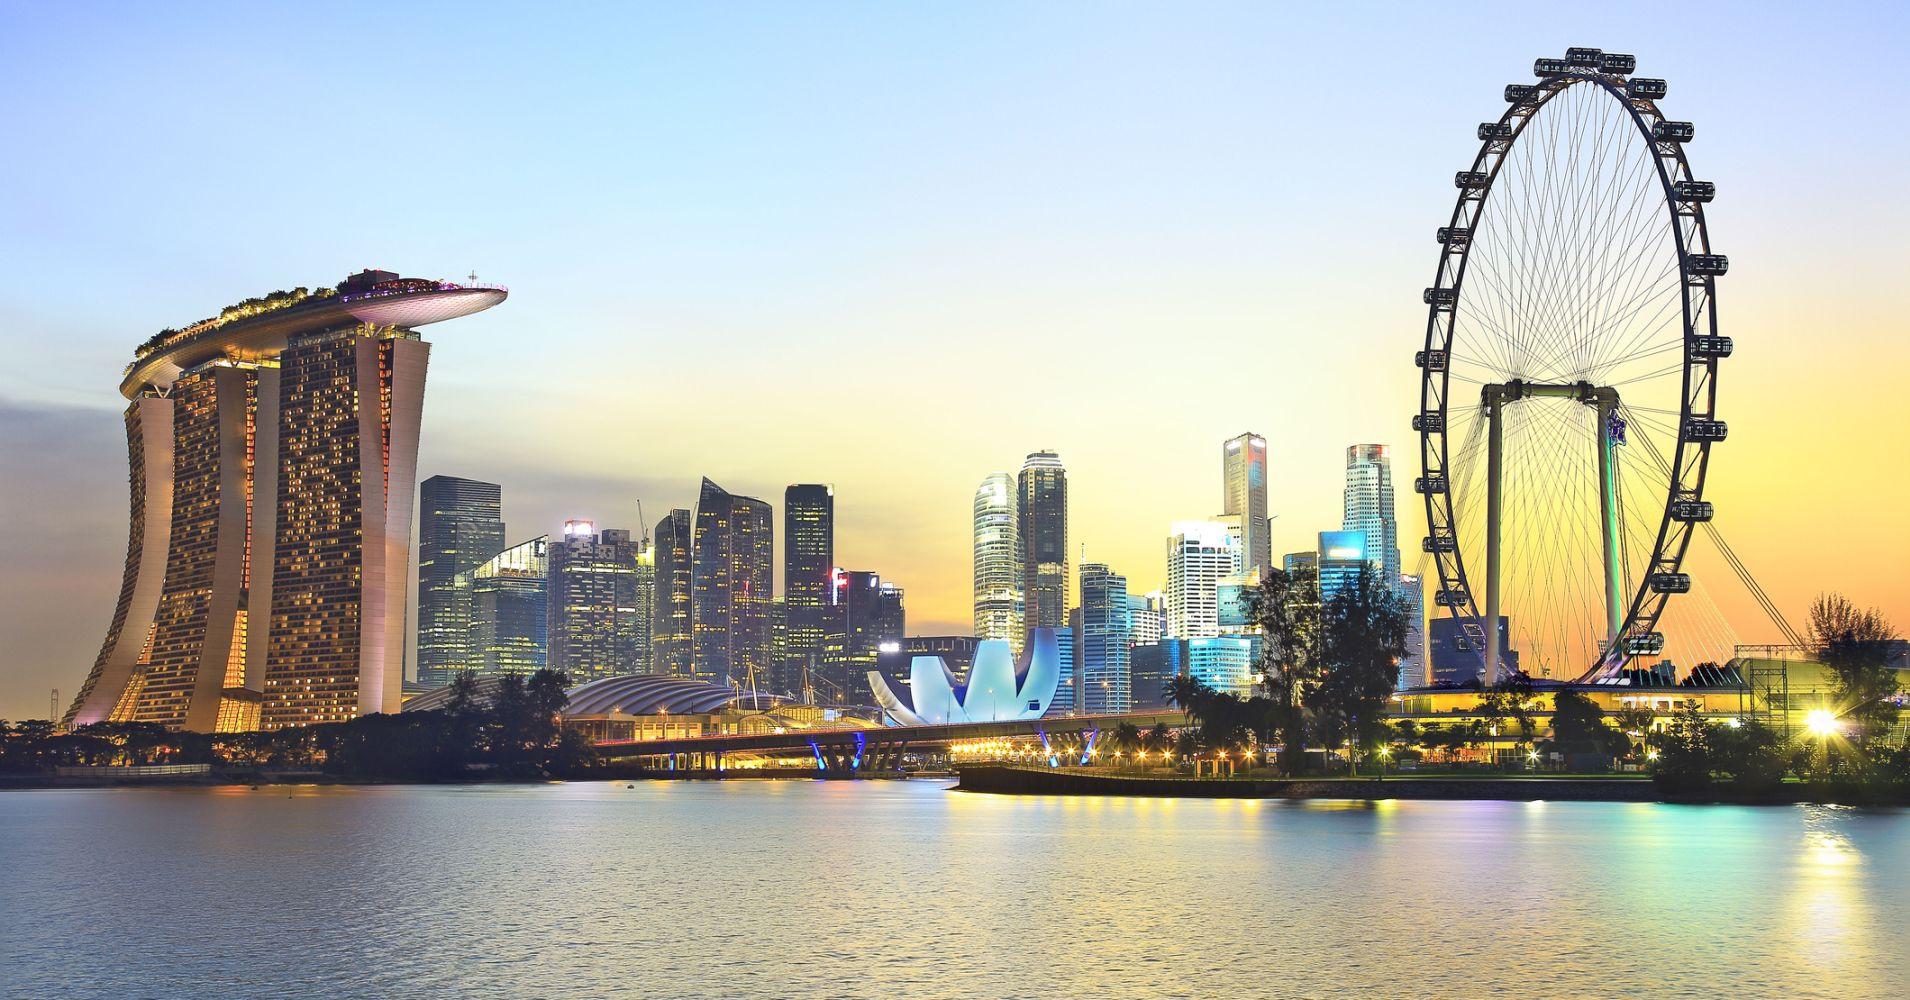 Những điểm du lịch được yêu thích nhất trong dịp nghỉ lễ 30/4 - Singapore